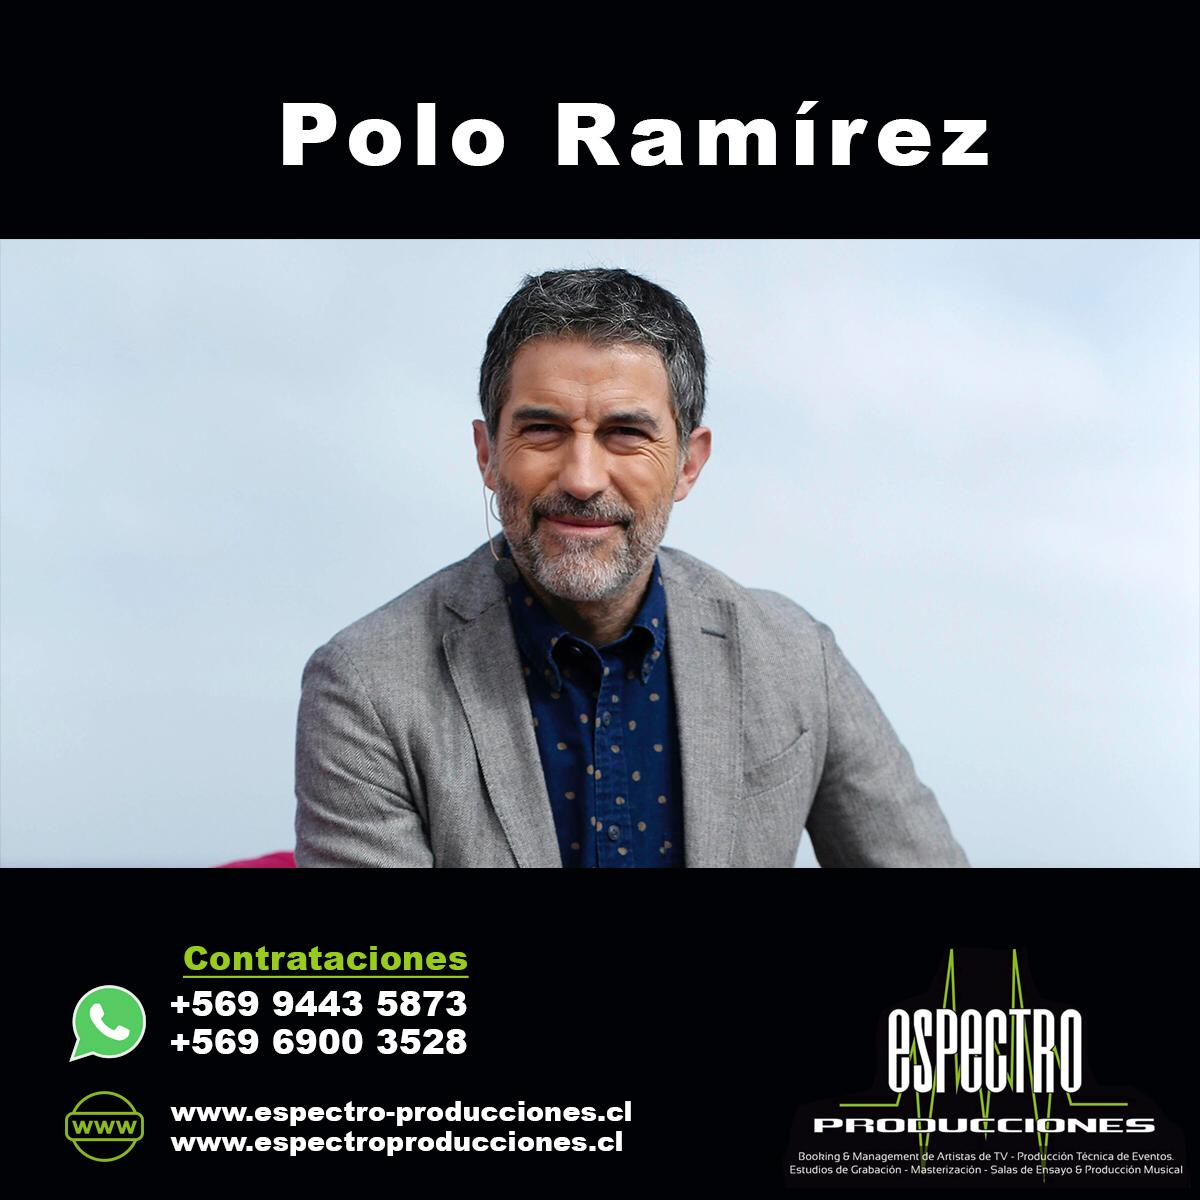 Polo Ramírez